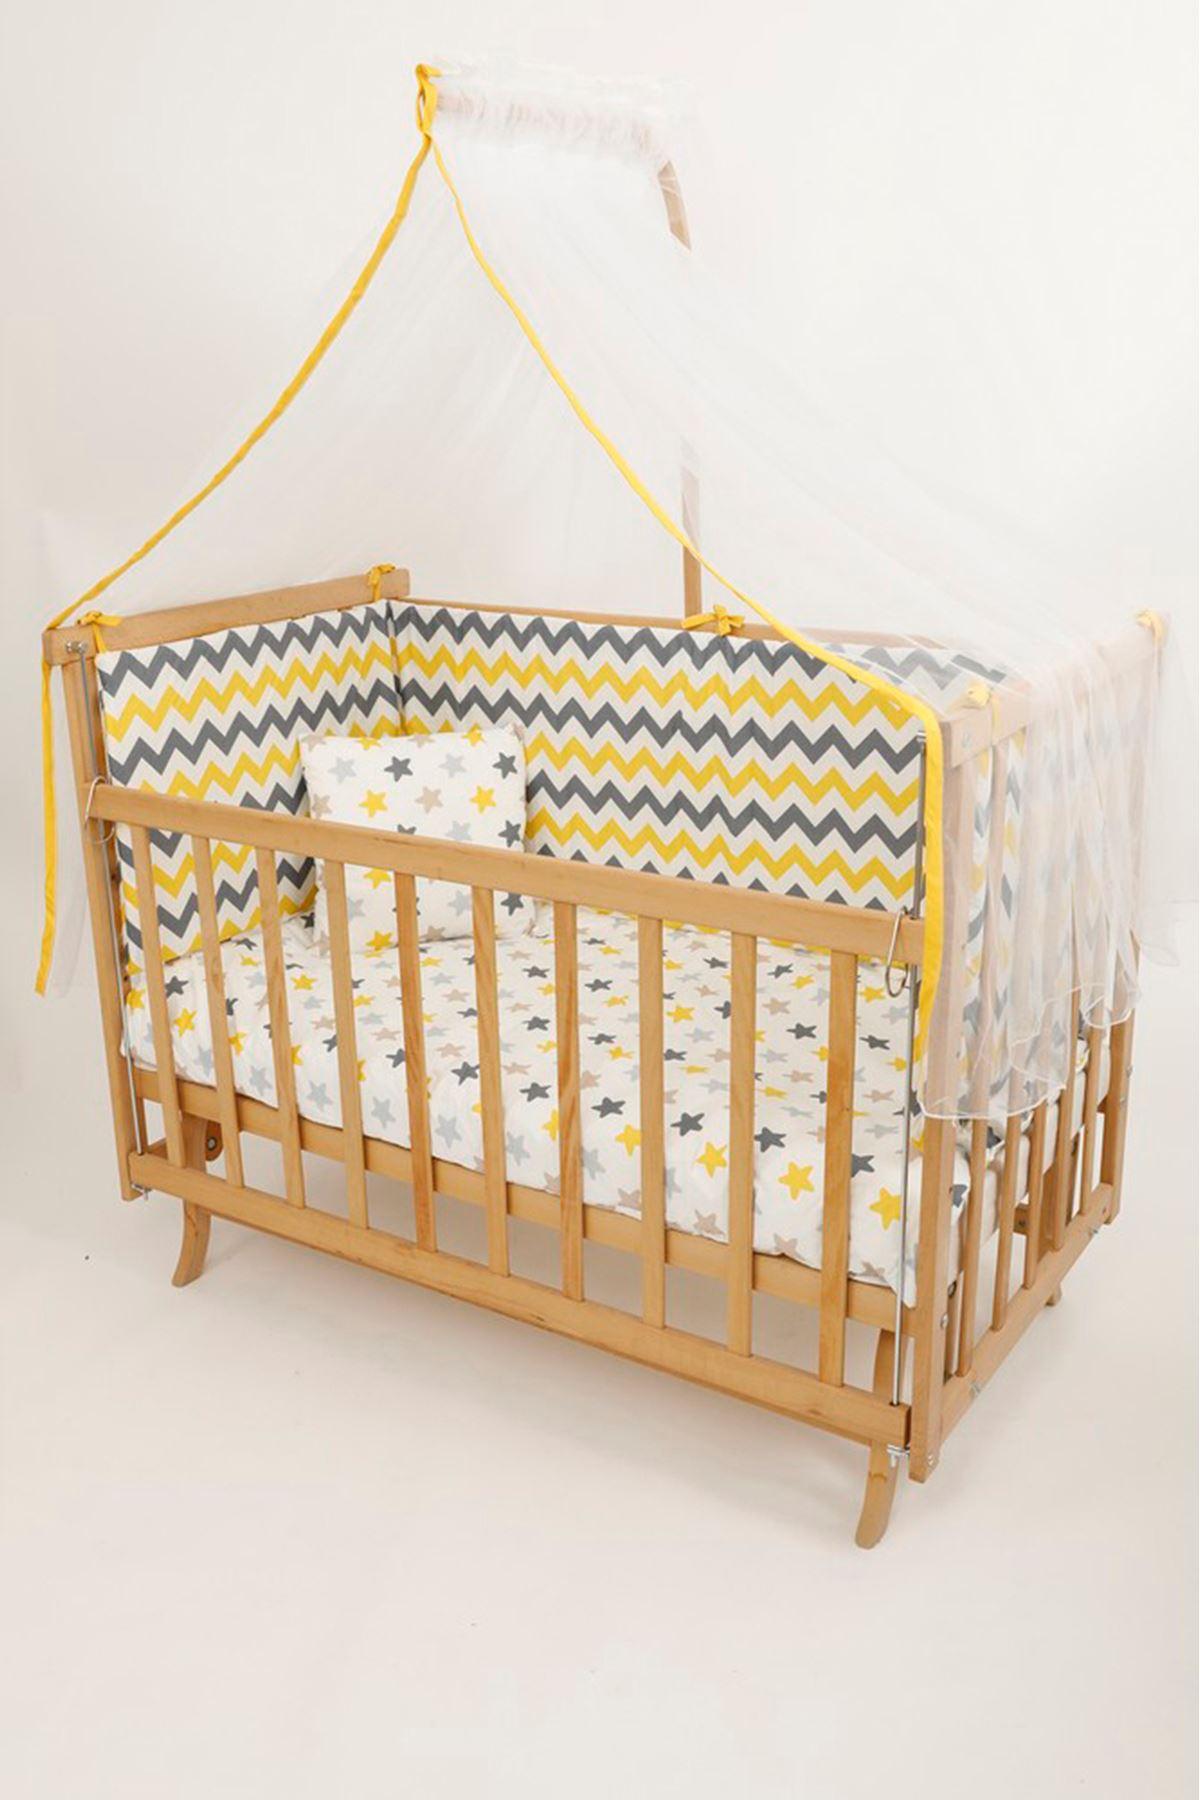 سرير خشبي مستطيل 5 سنوات قماش زيكزاك أصفر